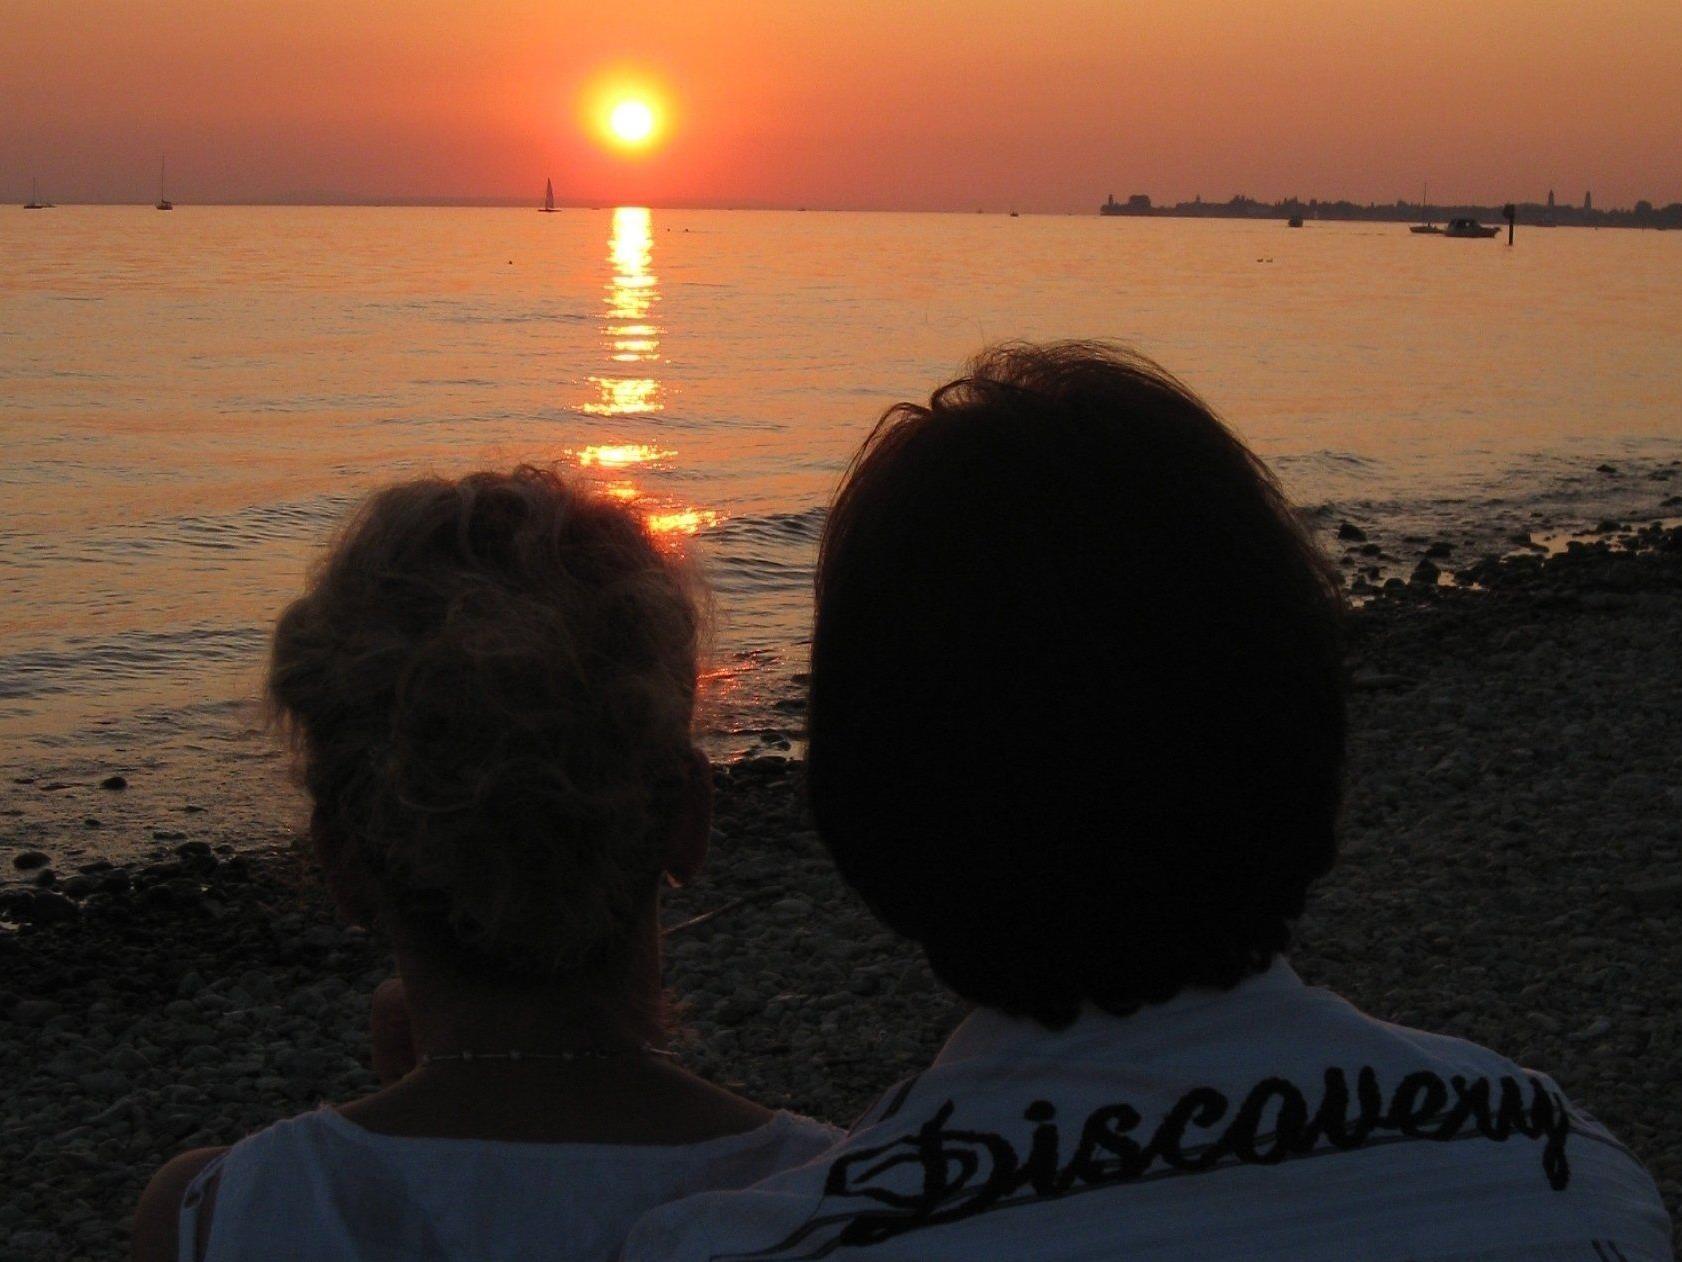 """An diesem Sommerabend ist auf der Terrasse des Strandbad-Cafe-Restaurants """"Treff am See"""" laut Wetterbericht auch ein stimmungsvoller Sonnenuntergang garantiert."""